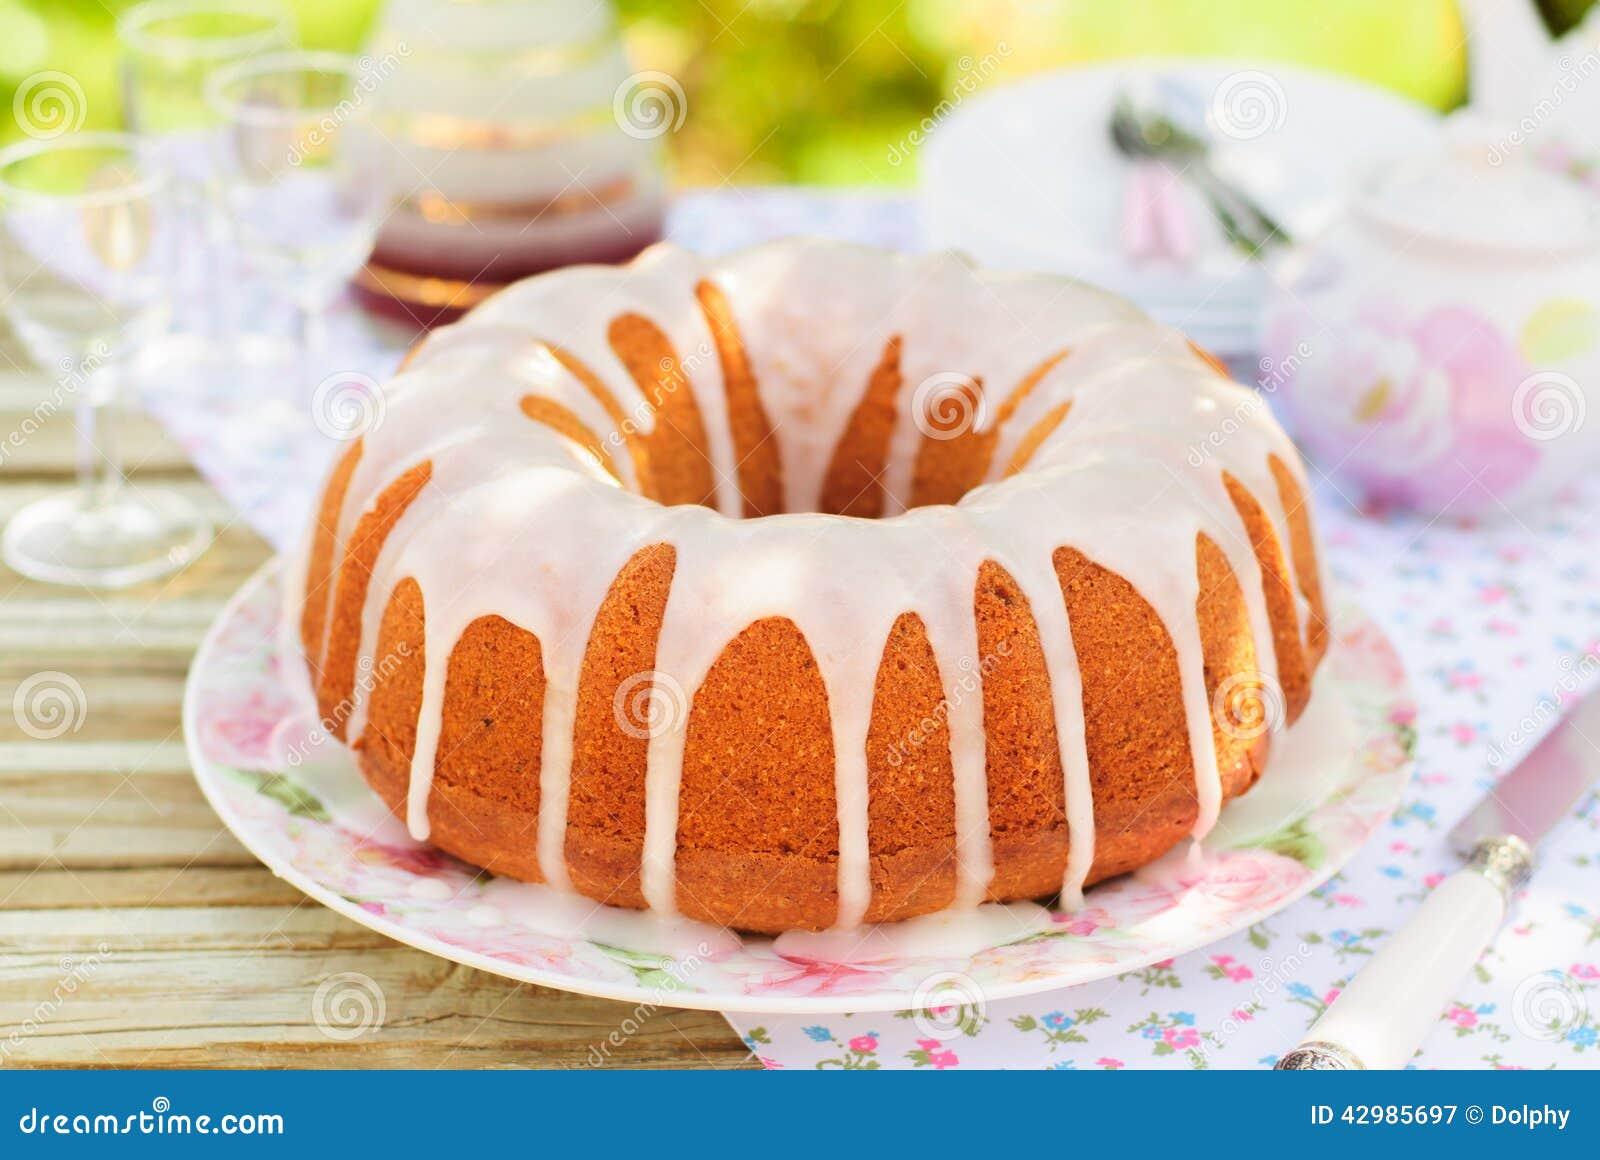 how to make sugar glaze for cake